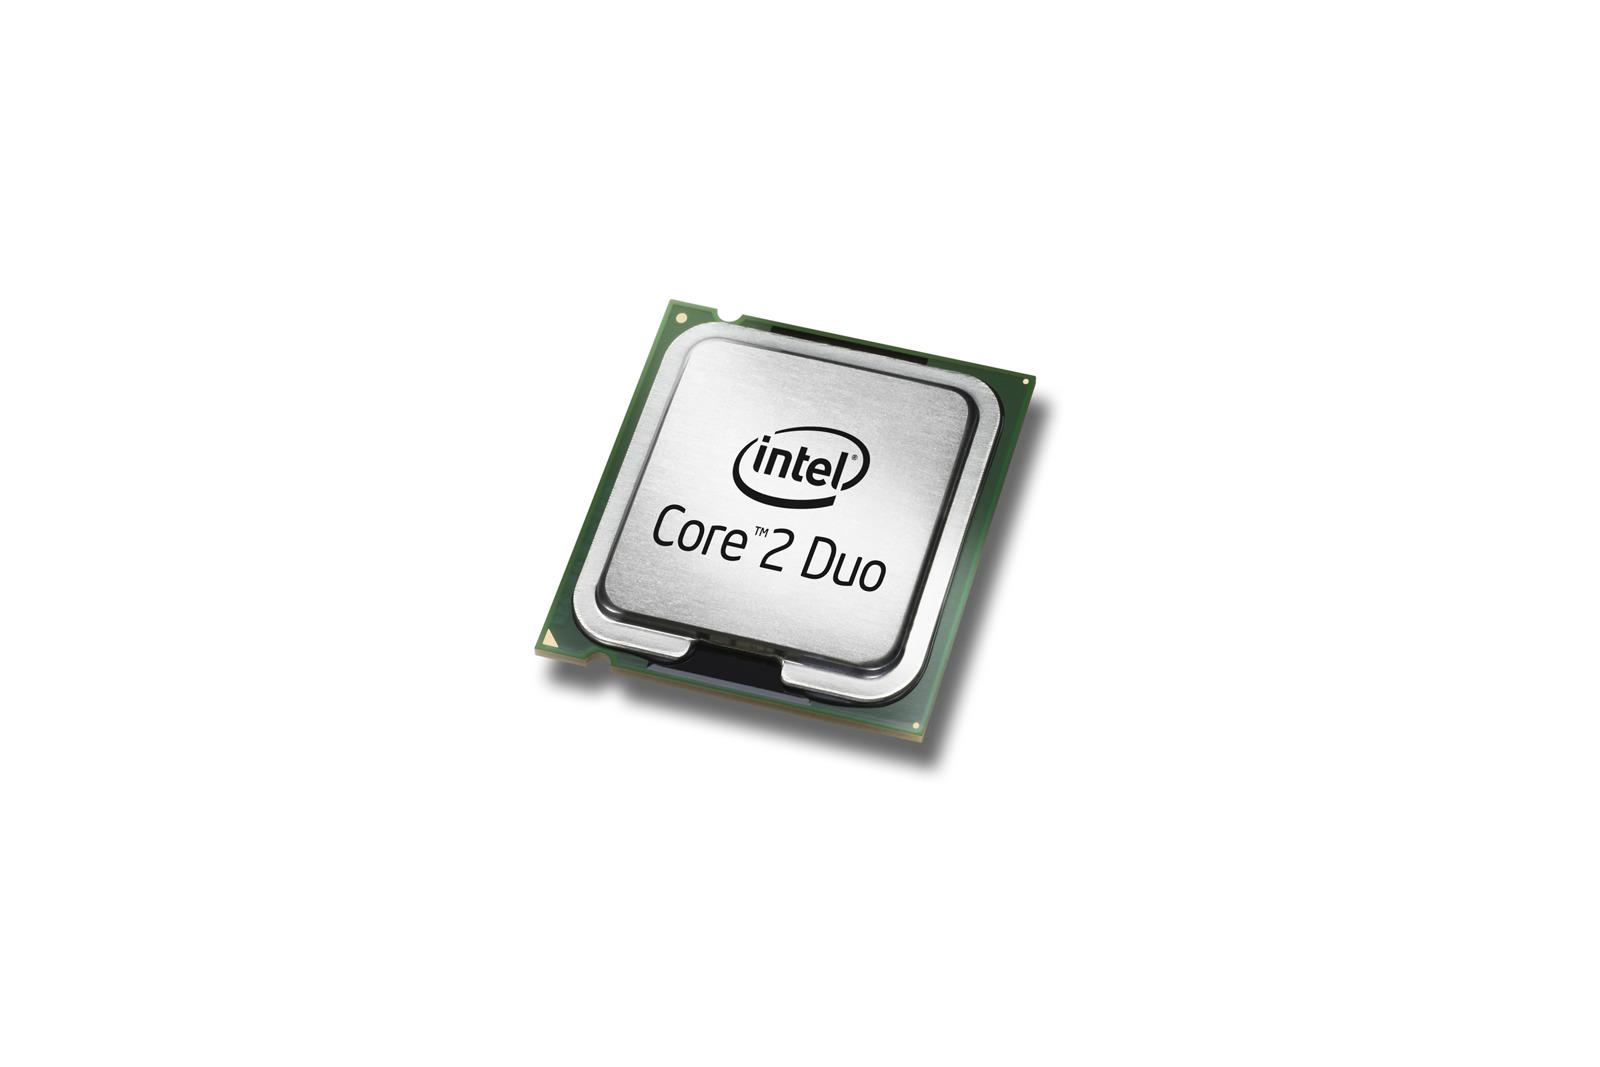 Prozessor Intel Core 2 Duo E4300 1.8GHz 2MB LGA775